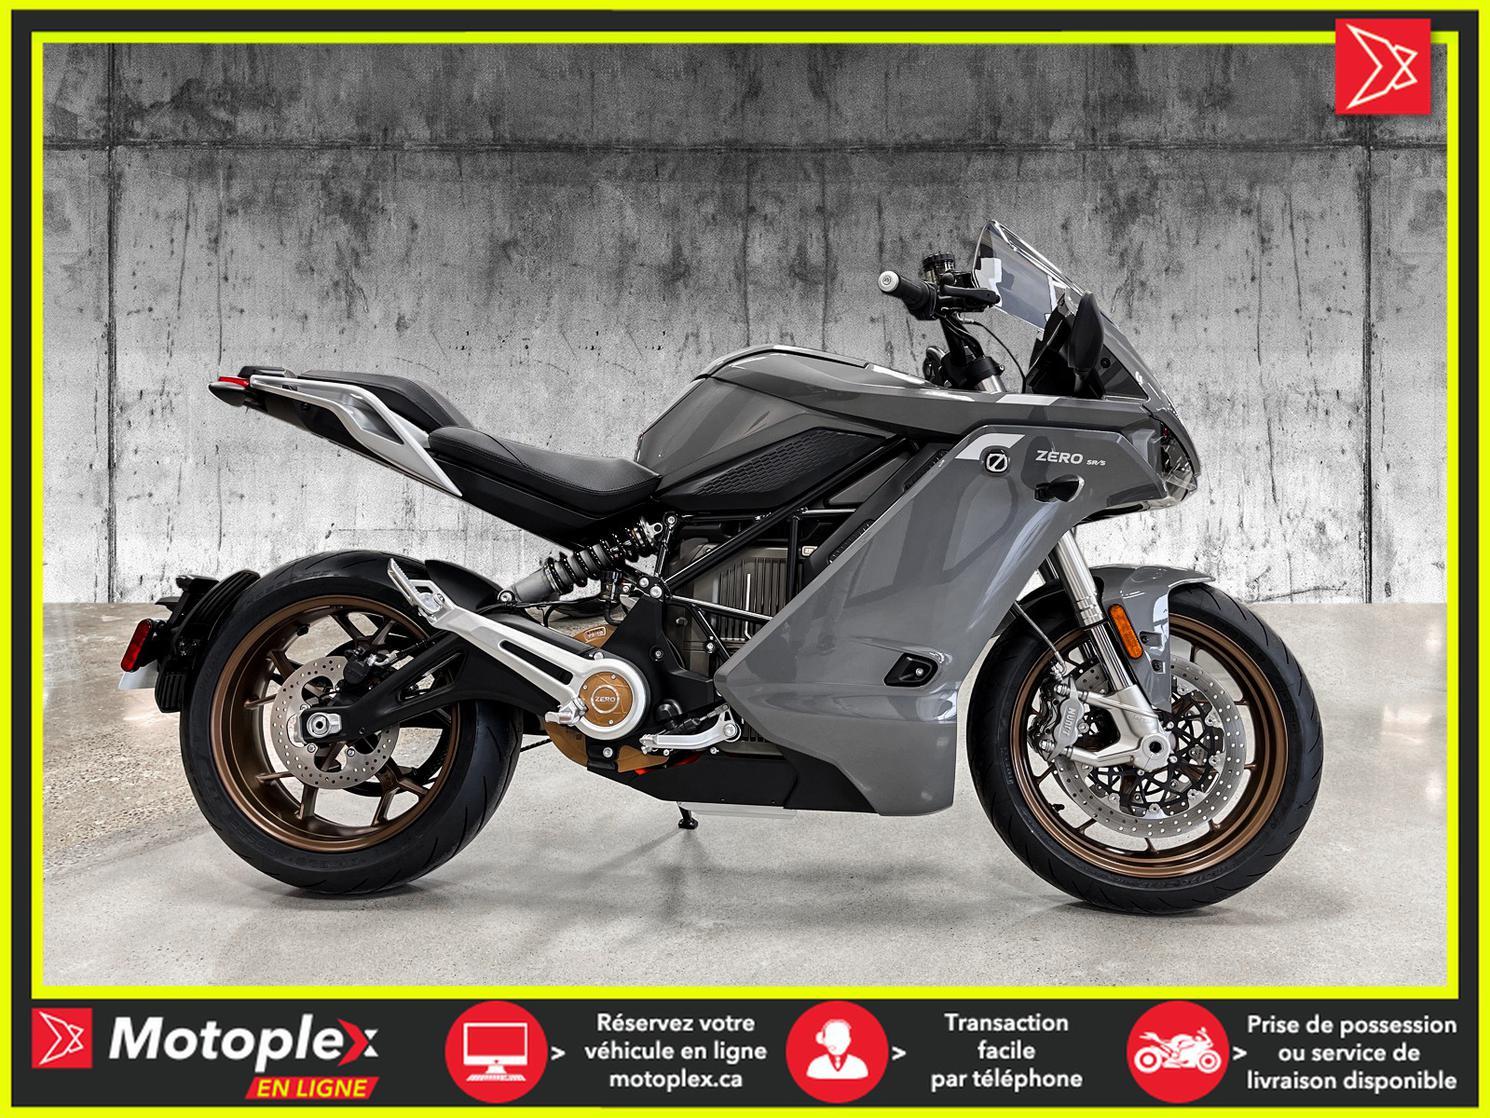 2020 Zero Motorcycles SR/S DEMO Autonomie 320 KM - 64$/SEMAINE